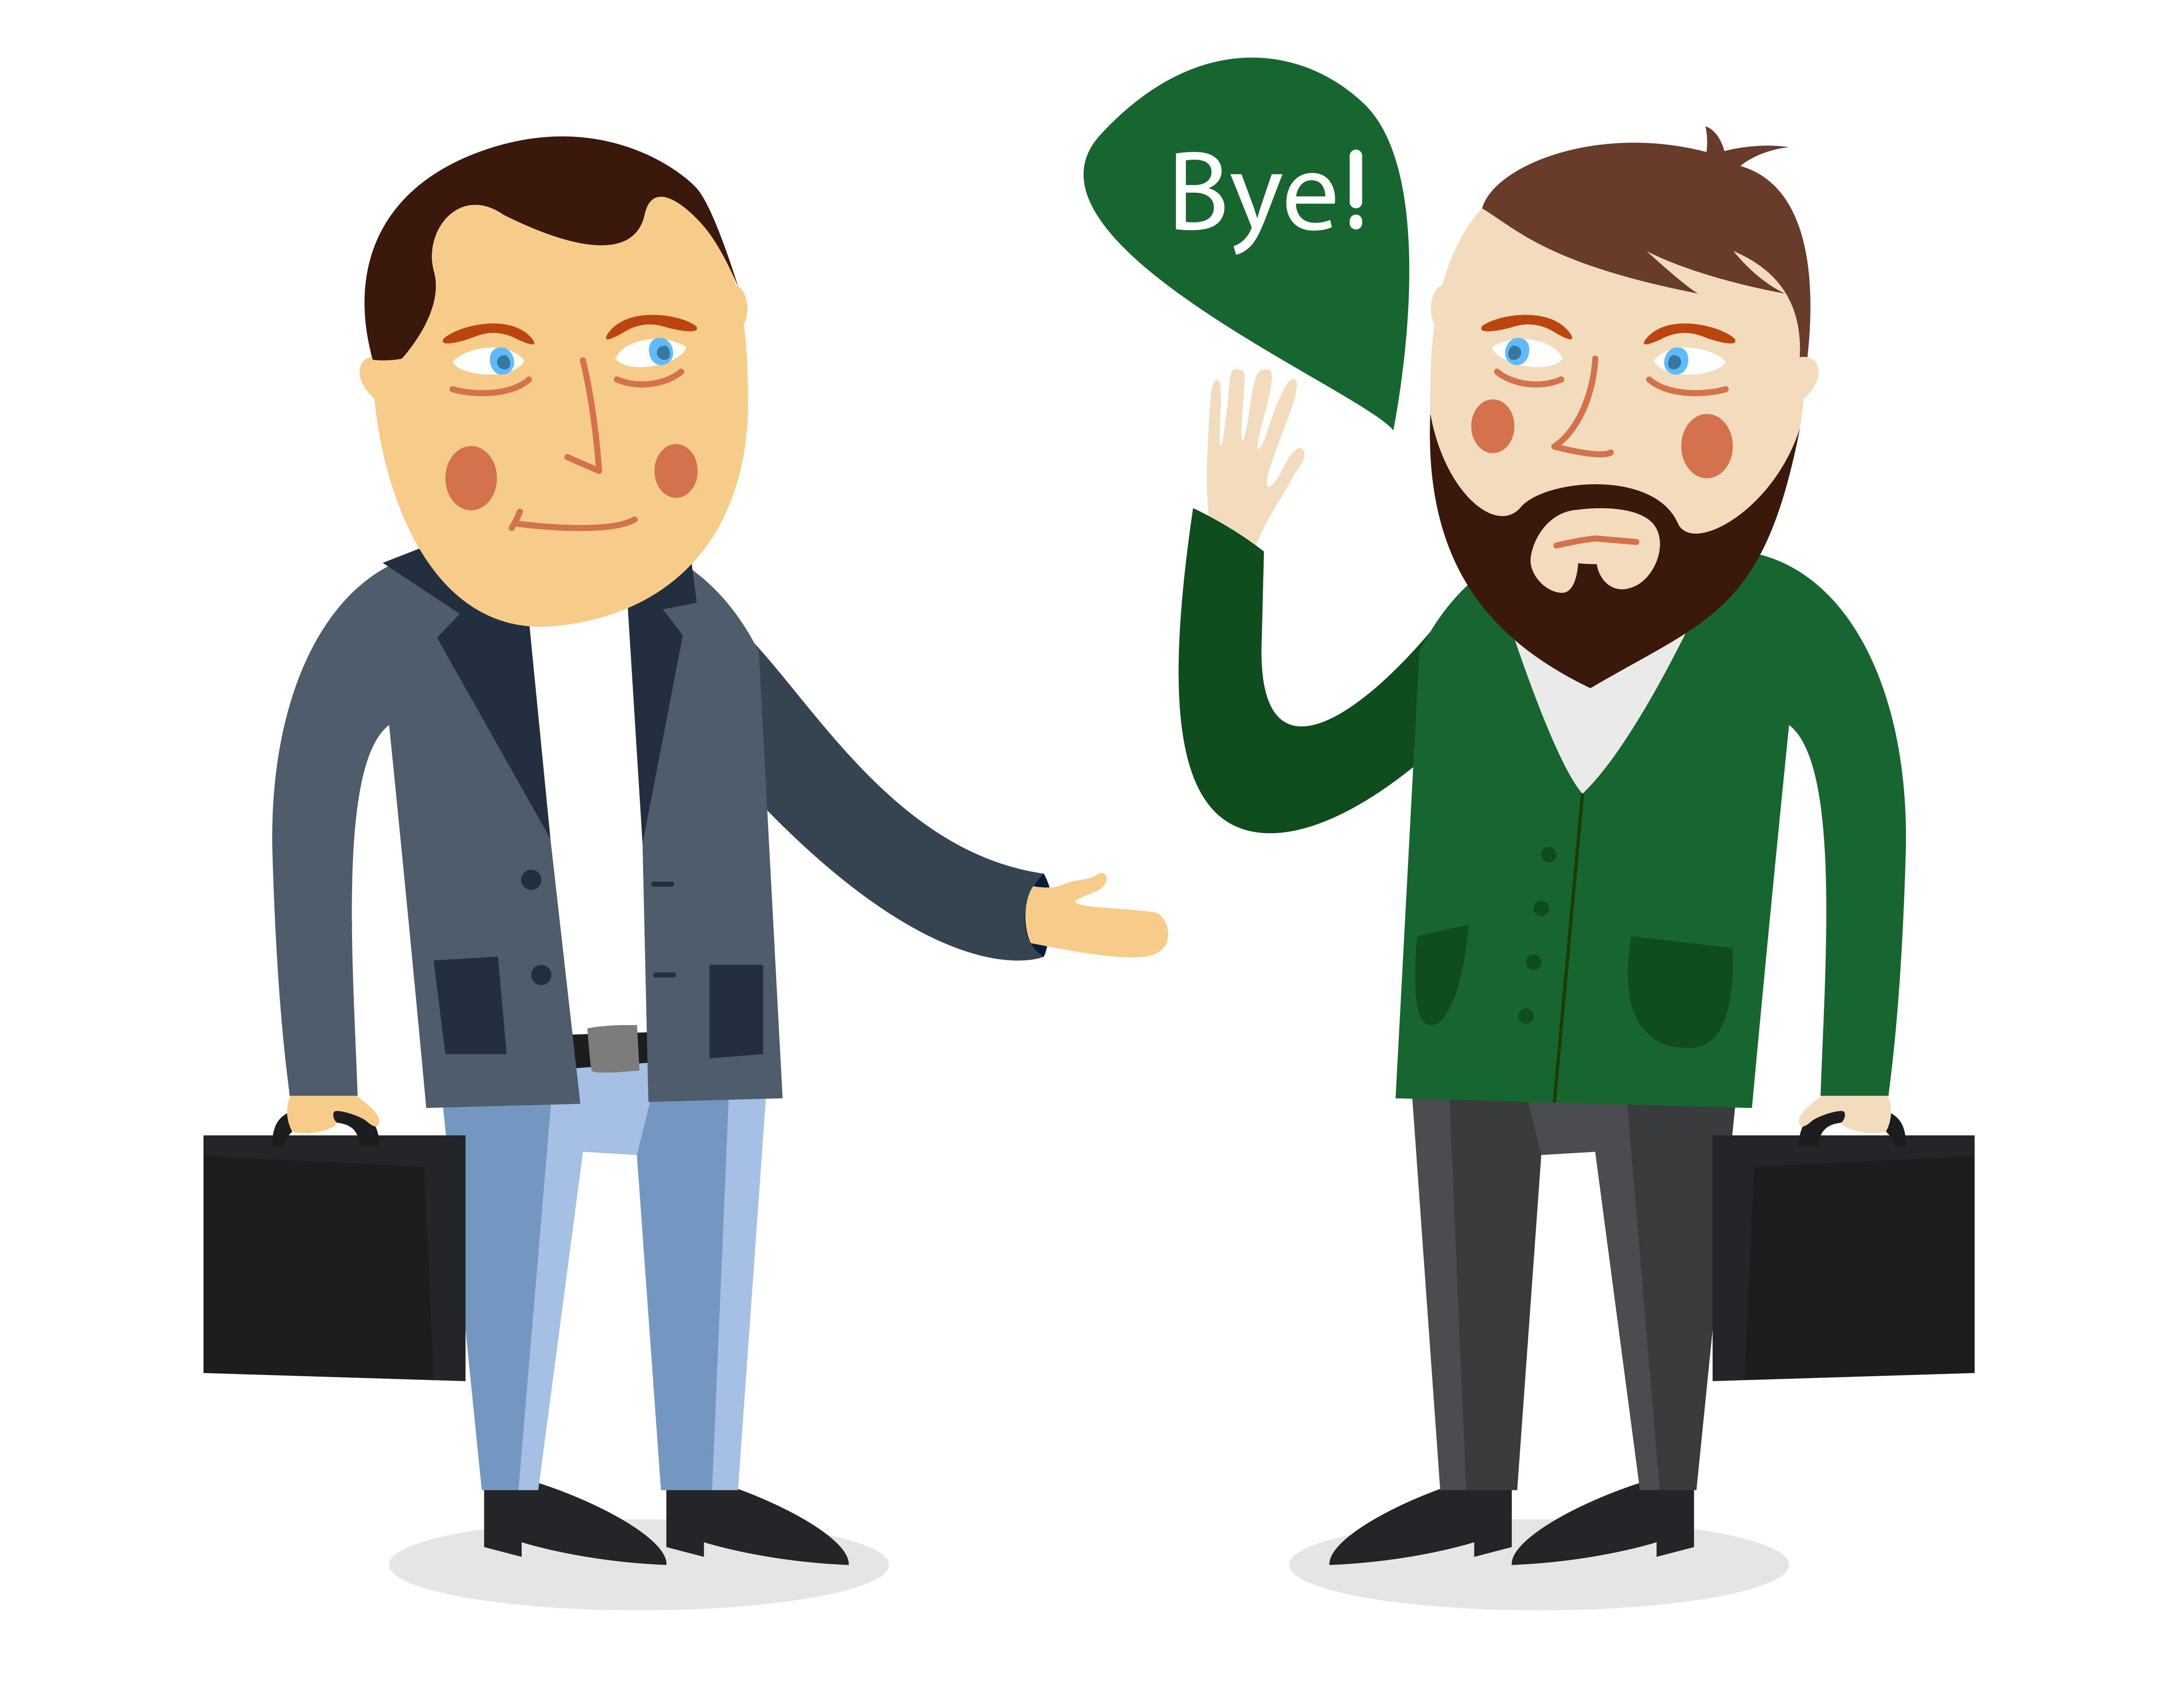 Bye bye, boss!